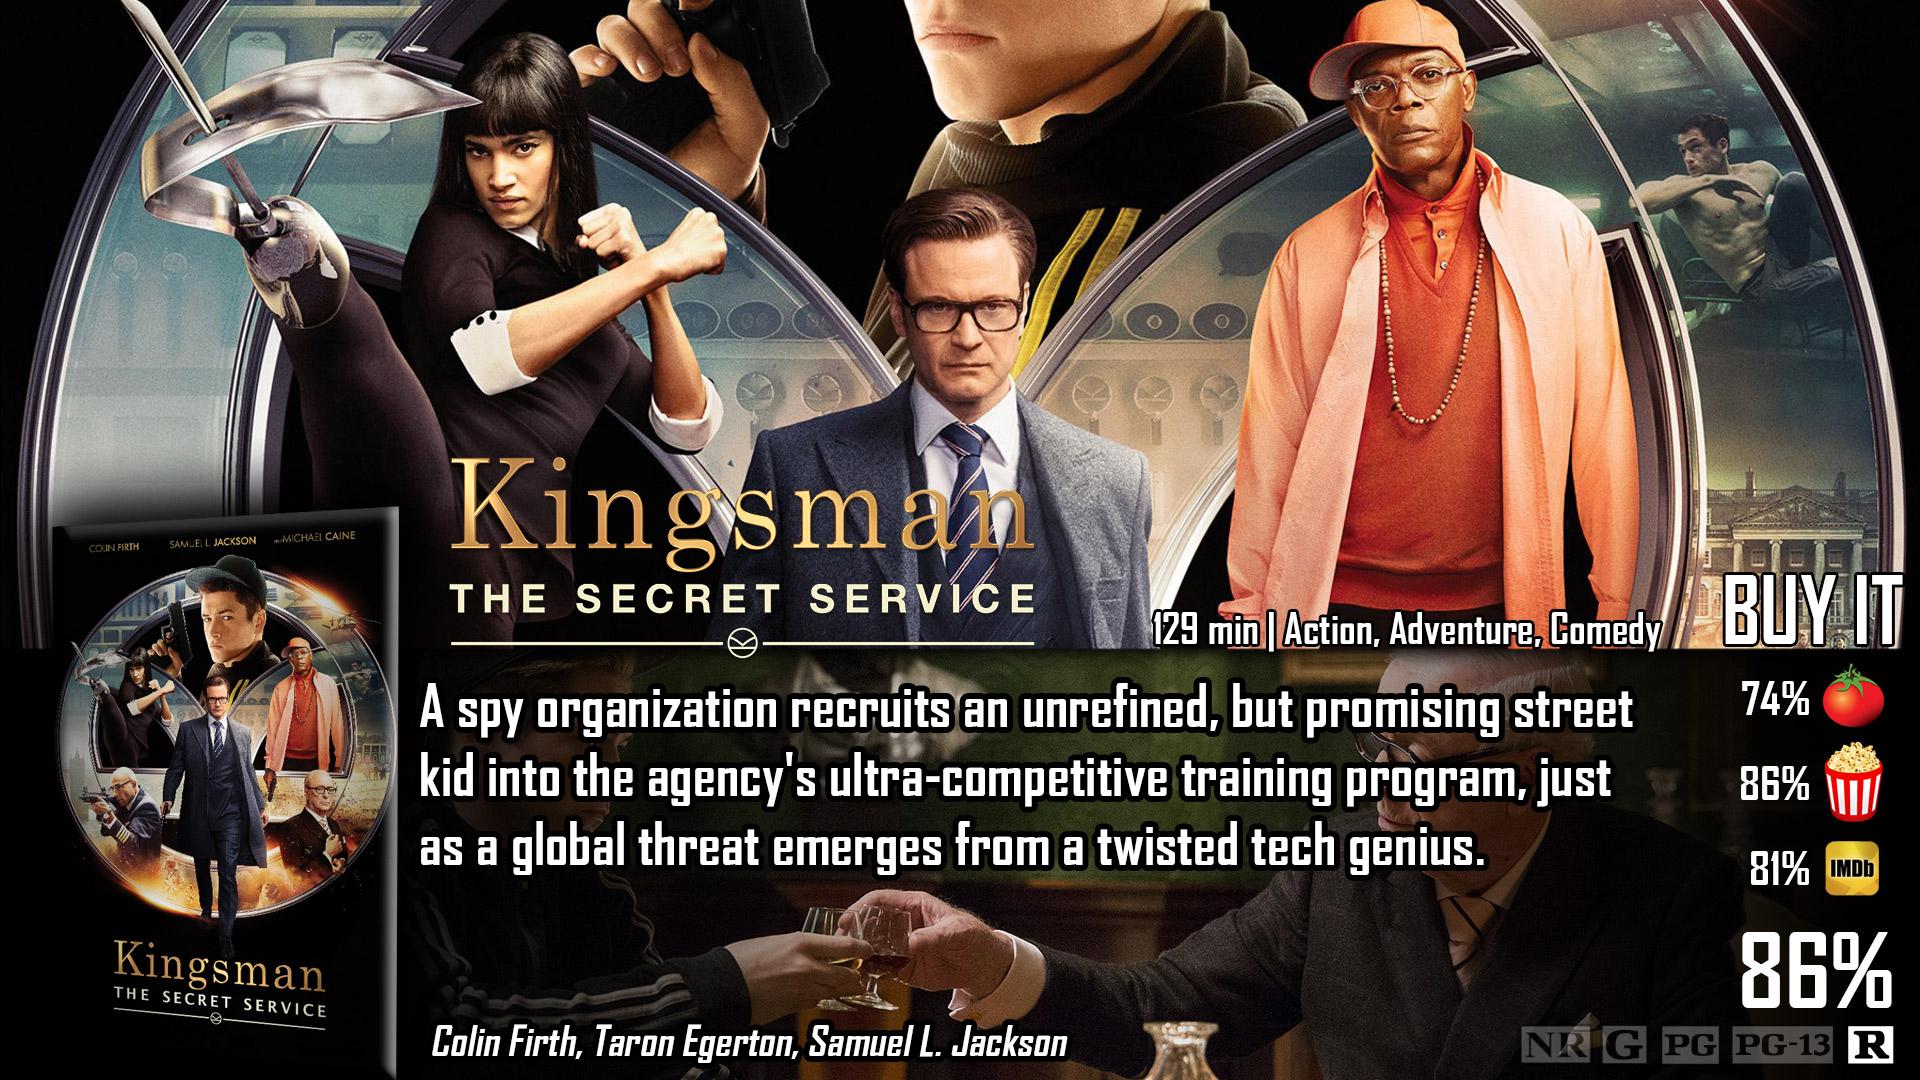 kingsman 3 imdb